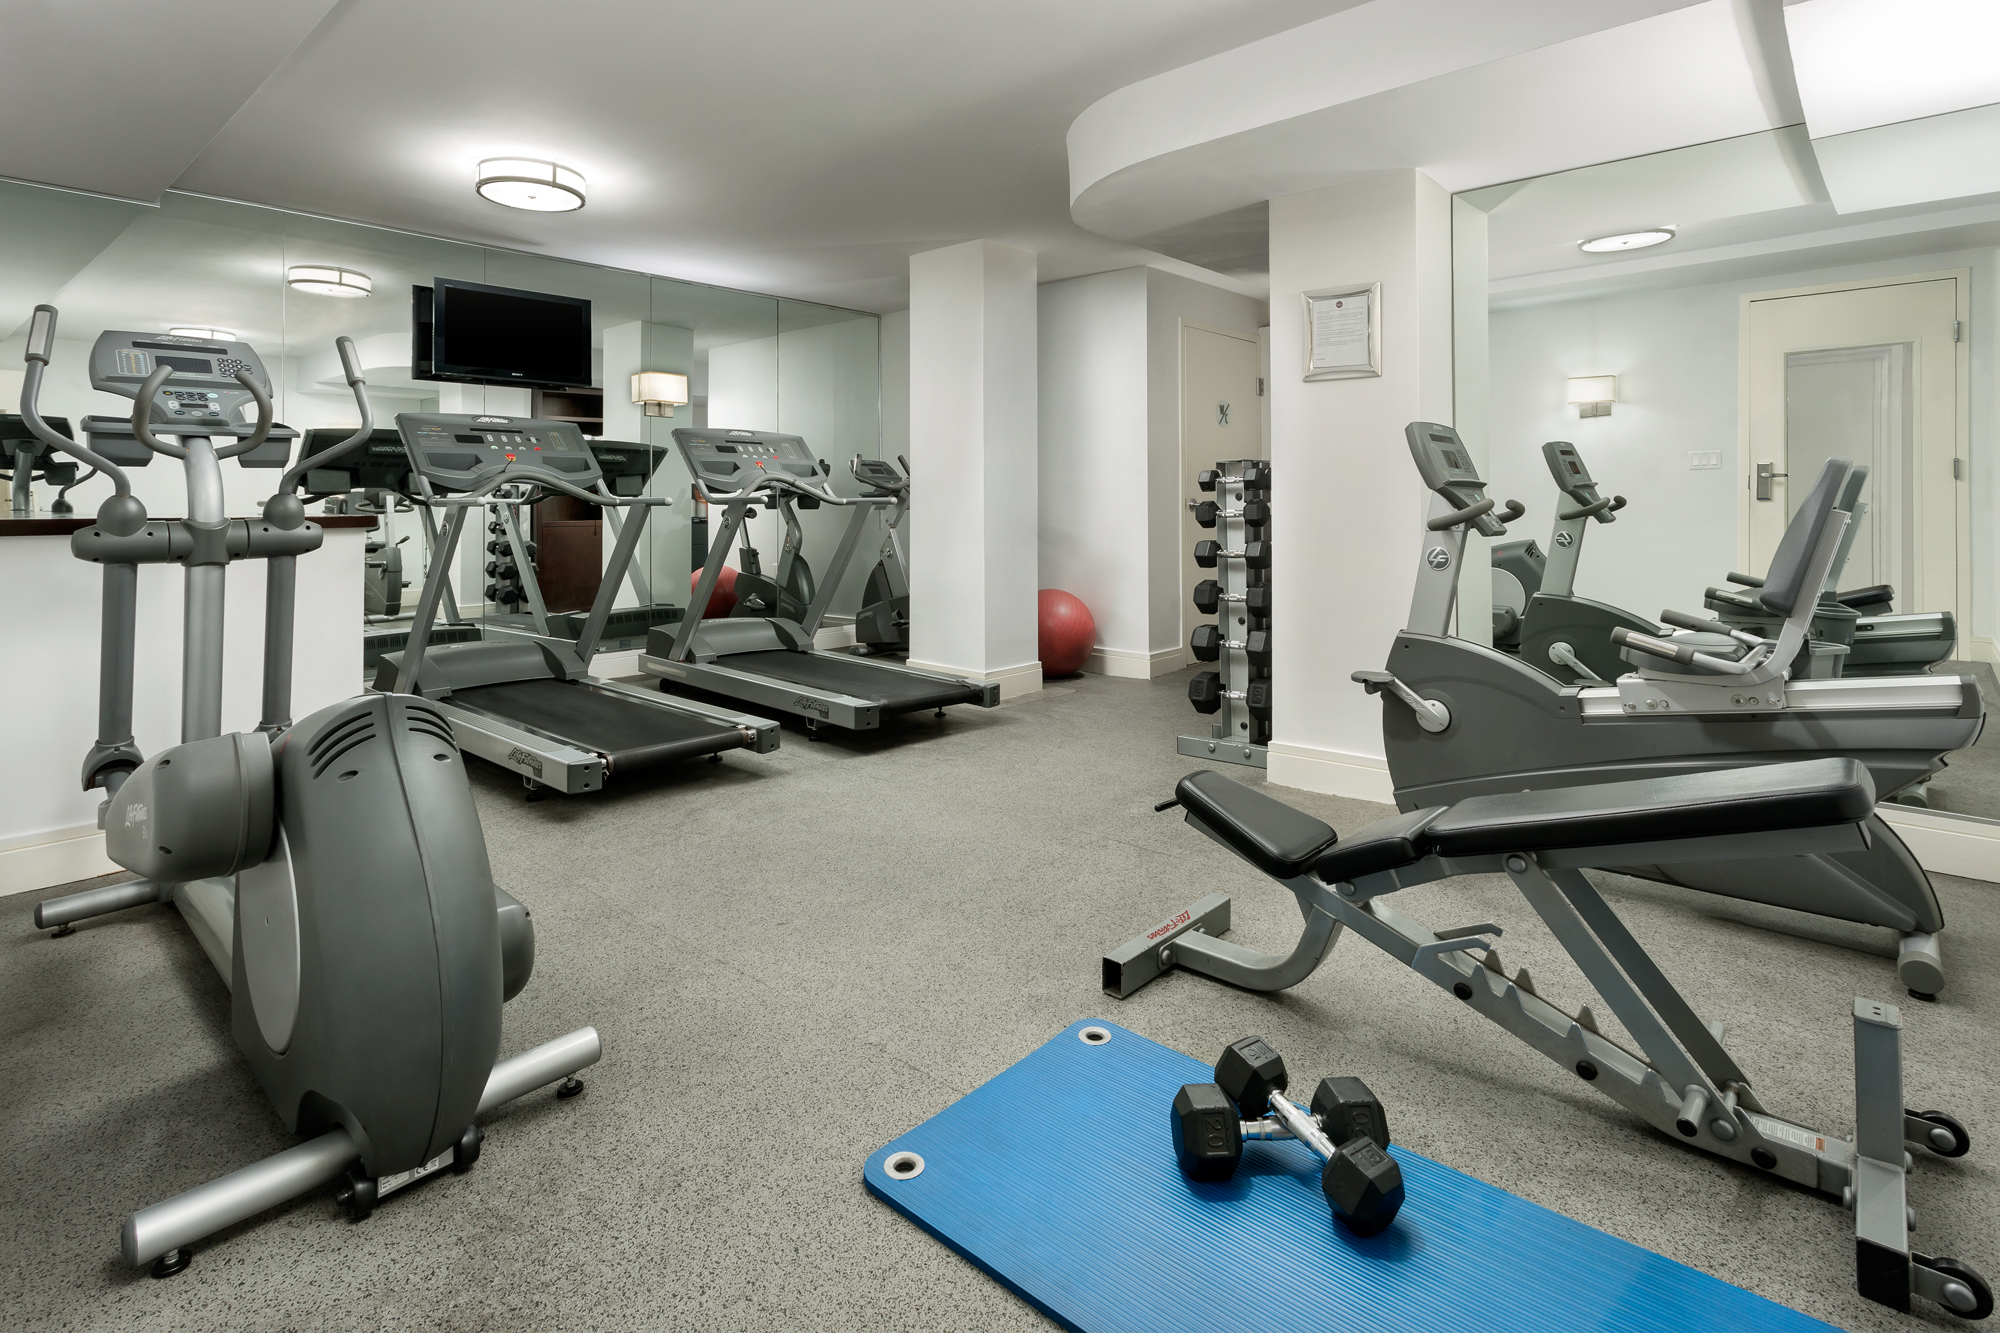 https://www.hotelsbyday.com/_data/default-hotel_image/2/13907/hotel-mela-fitness-center.jpg